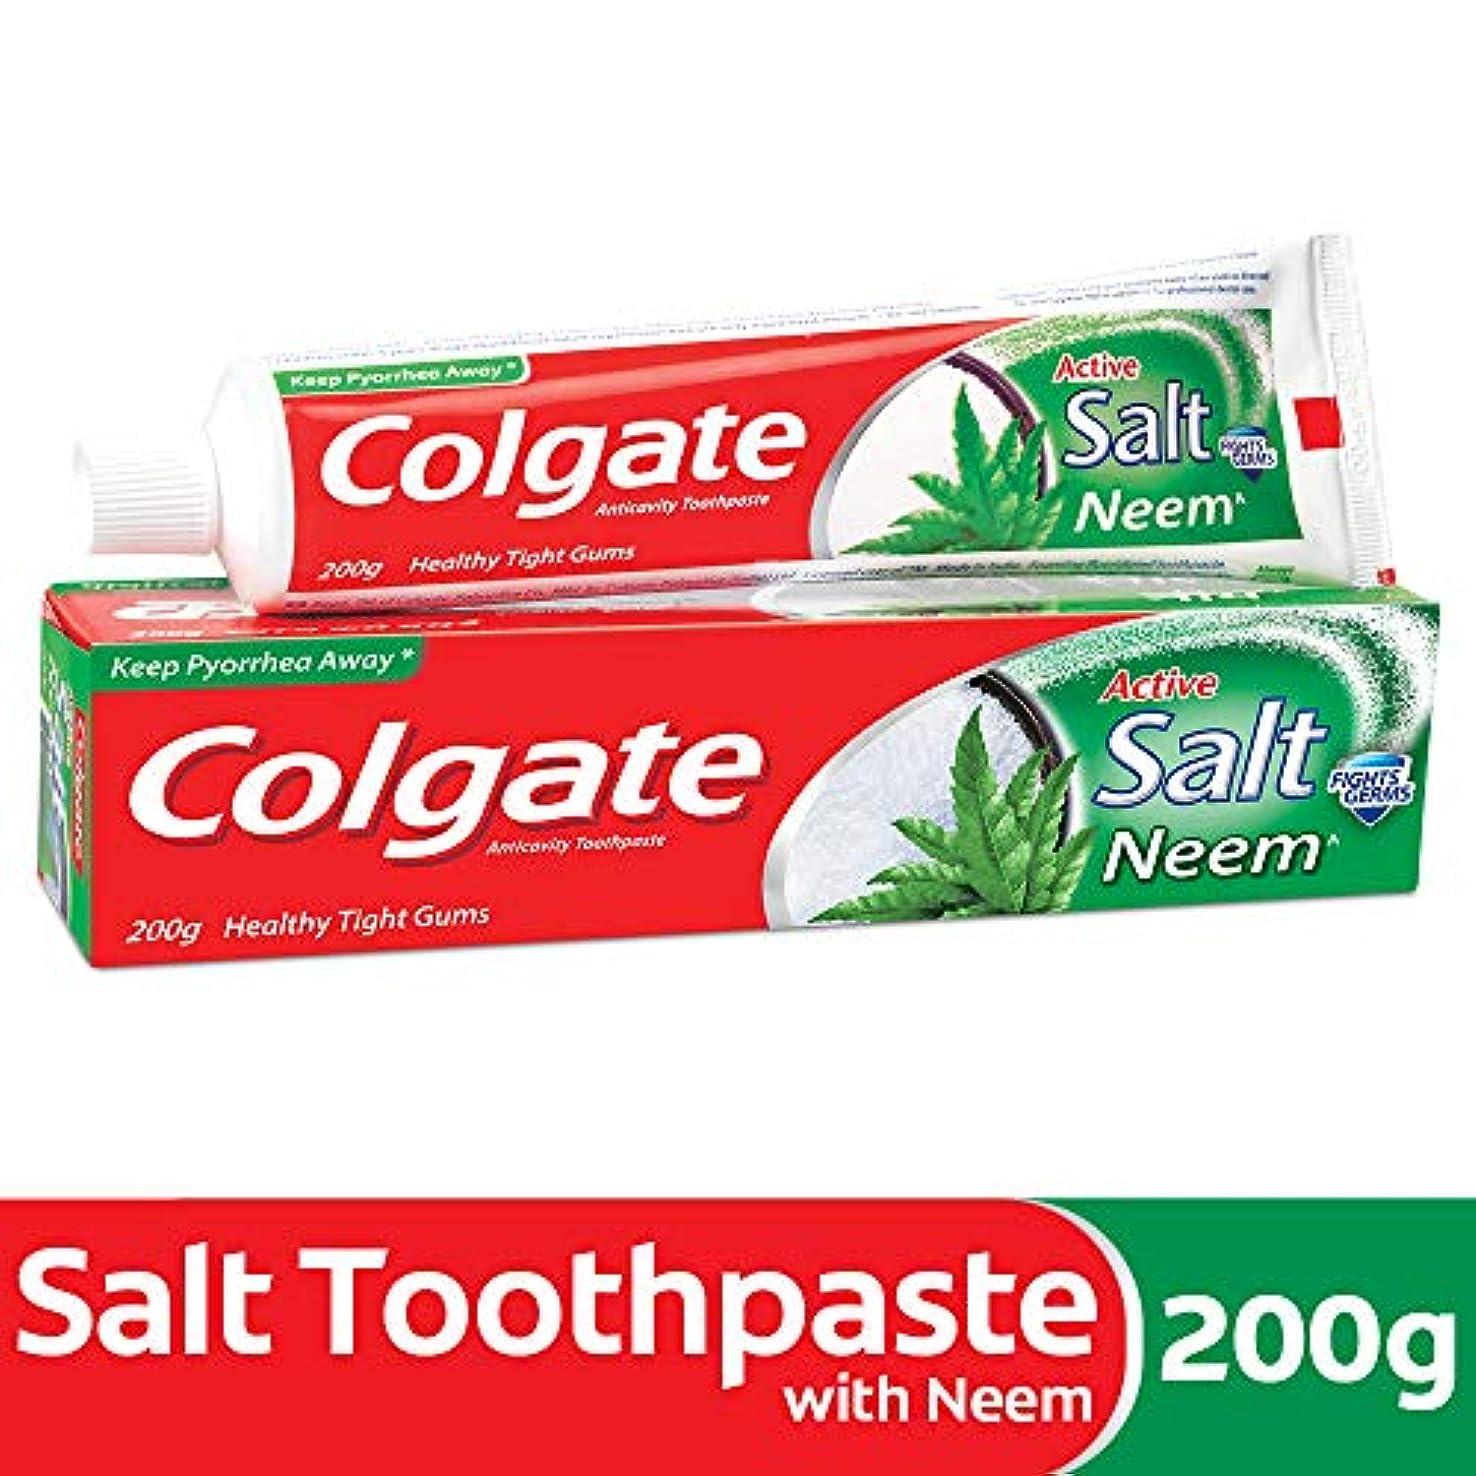 ソファー叙情的なネストColgate Active Salt Neem Anticavity Toothpaste - 200g